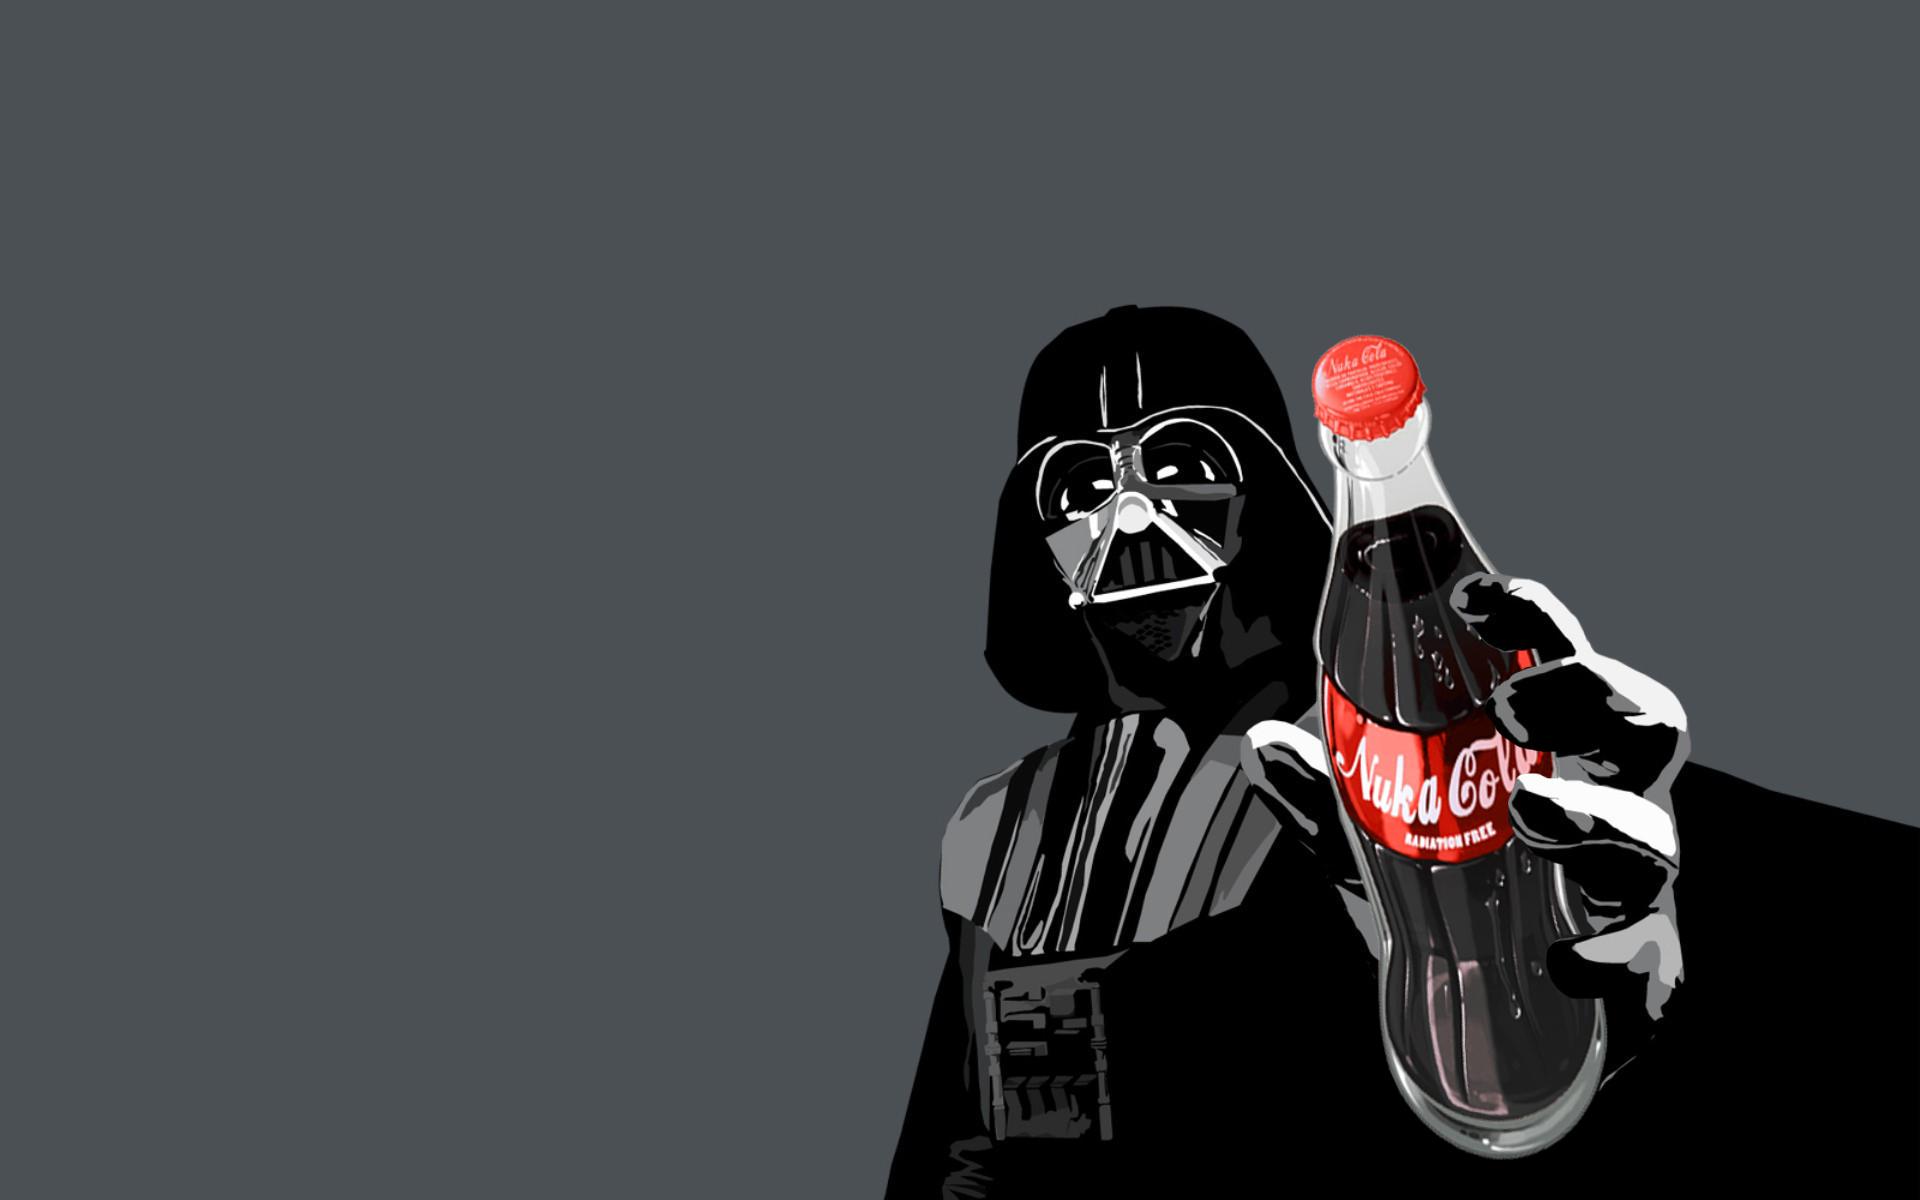 Darth Vader Nuka Cola Quantum HD Wallpaper Companies Brands 1920x1200